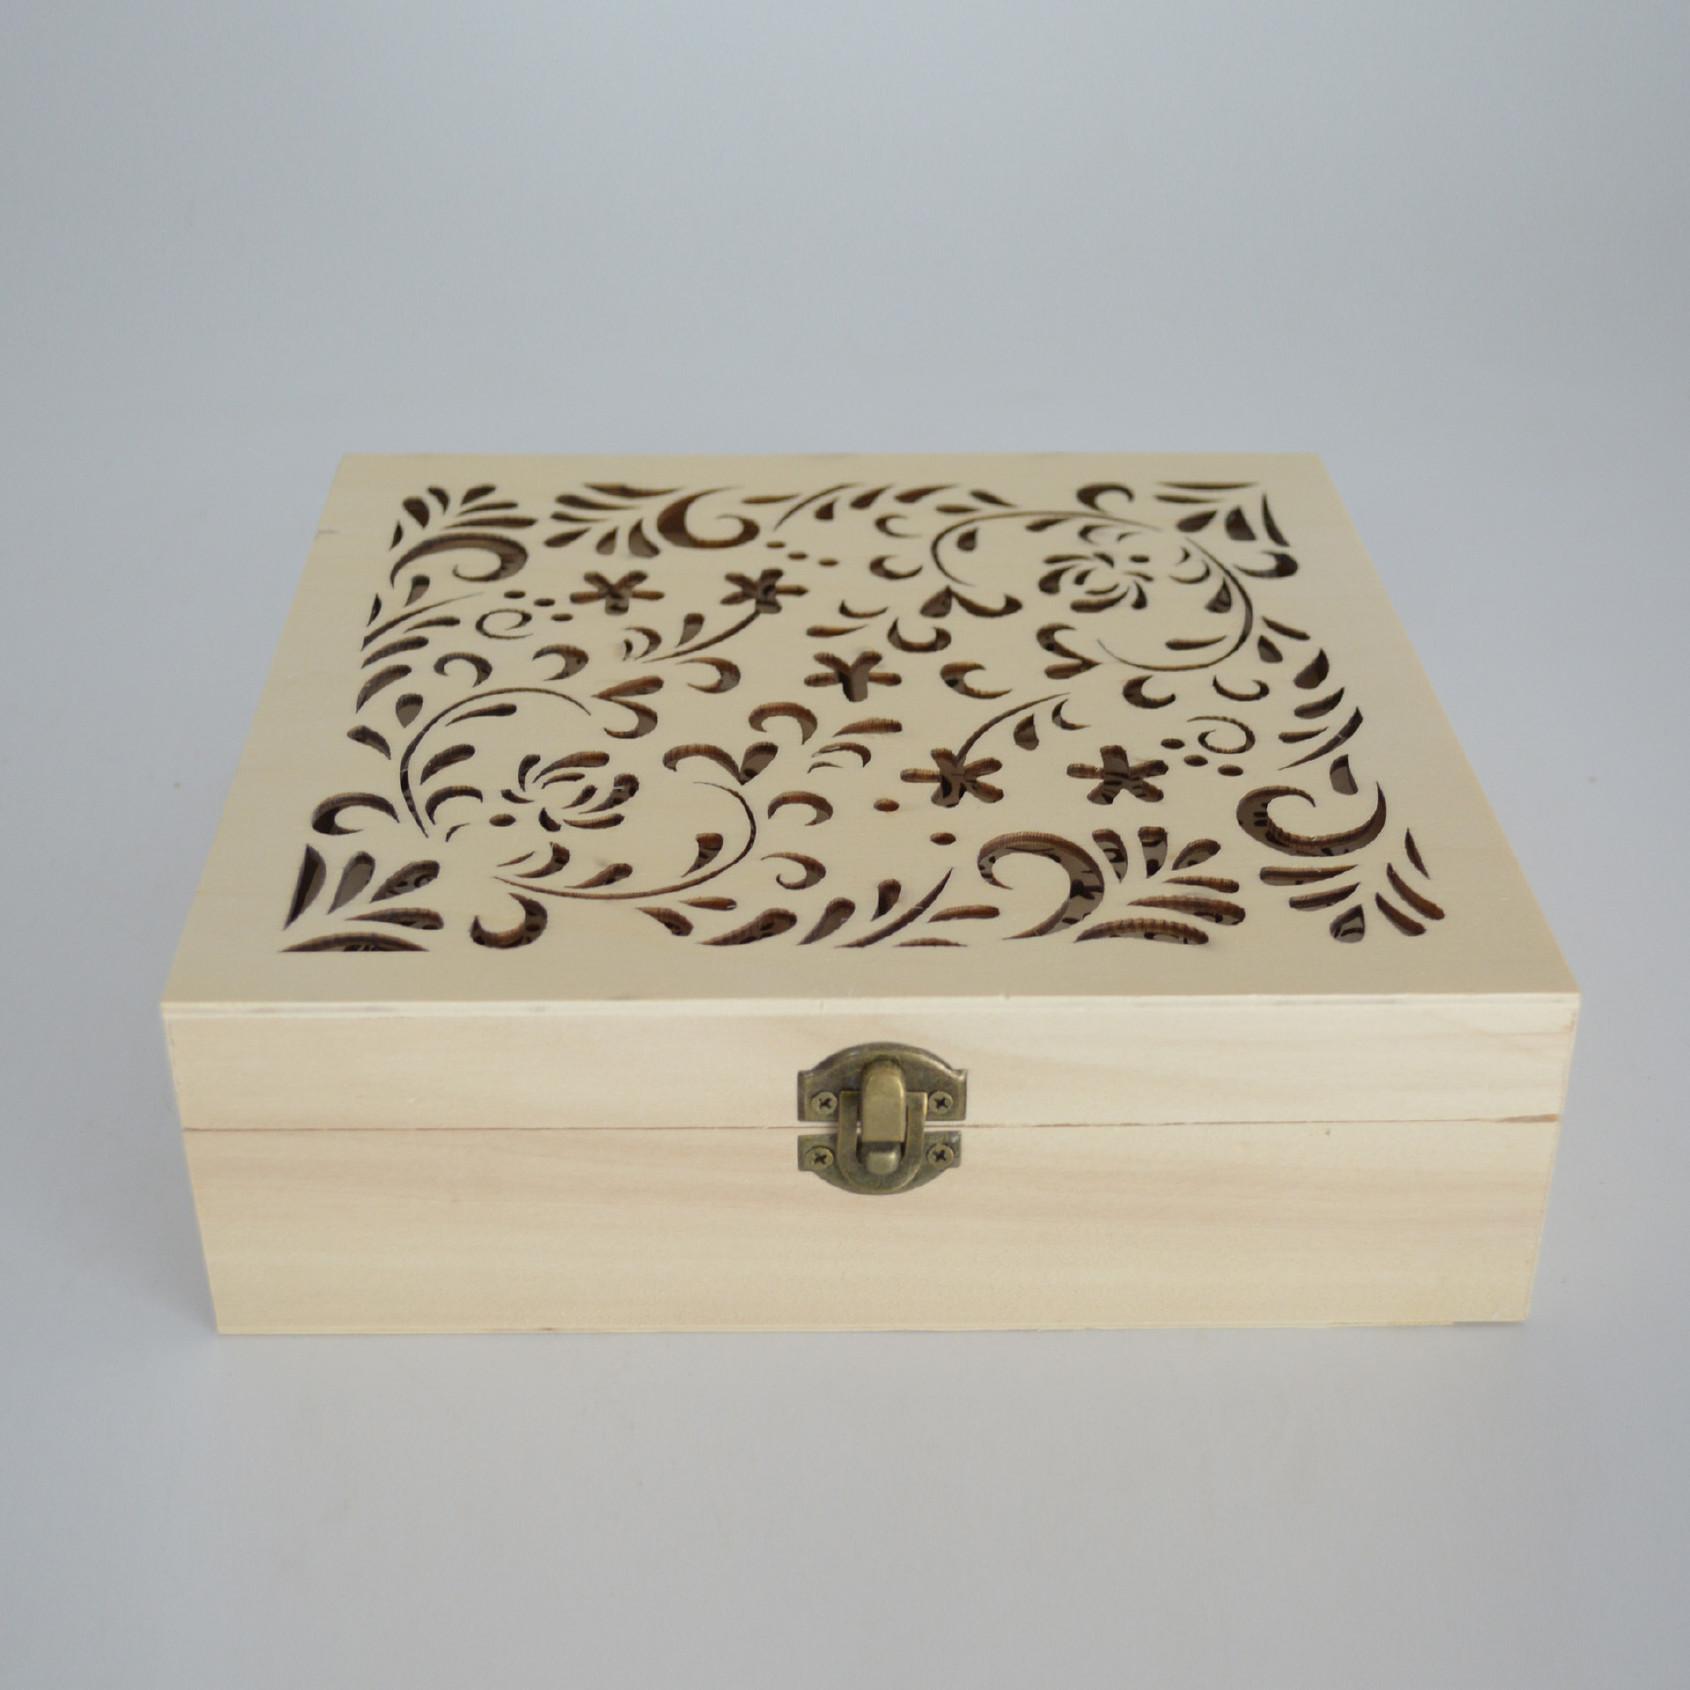 正方镂空香盒 雕刻创意摆件檀香炉 熏香盒 卧香盒 厂家直销